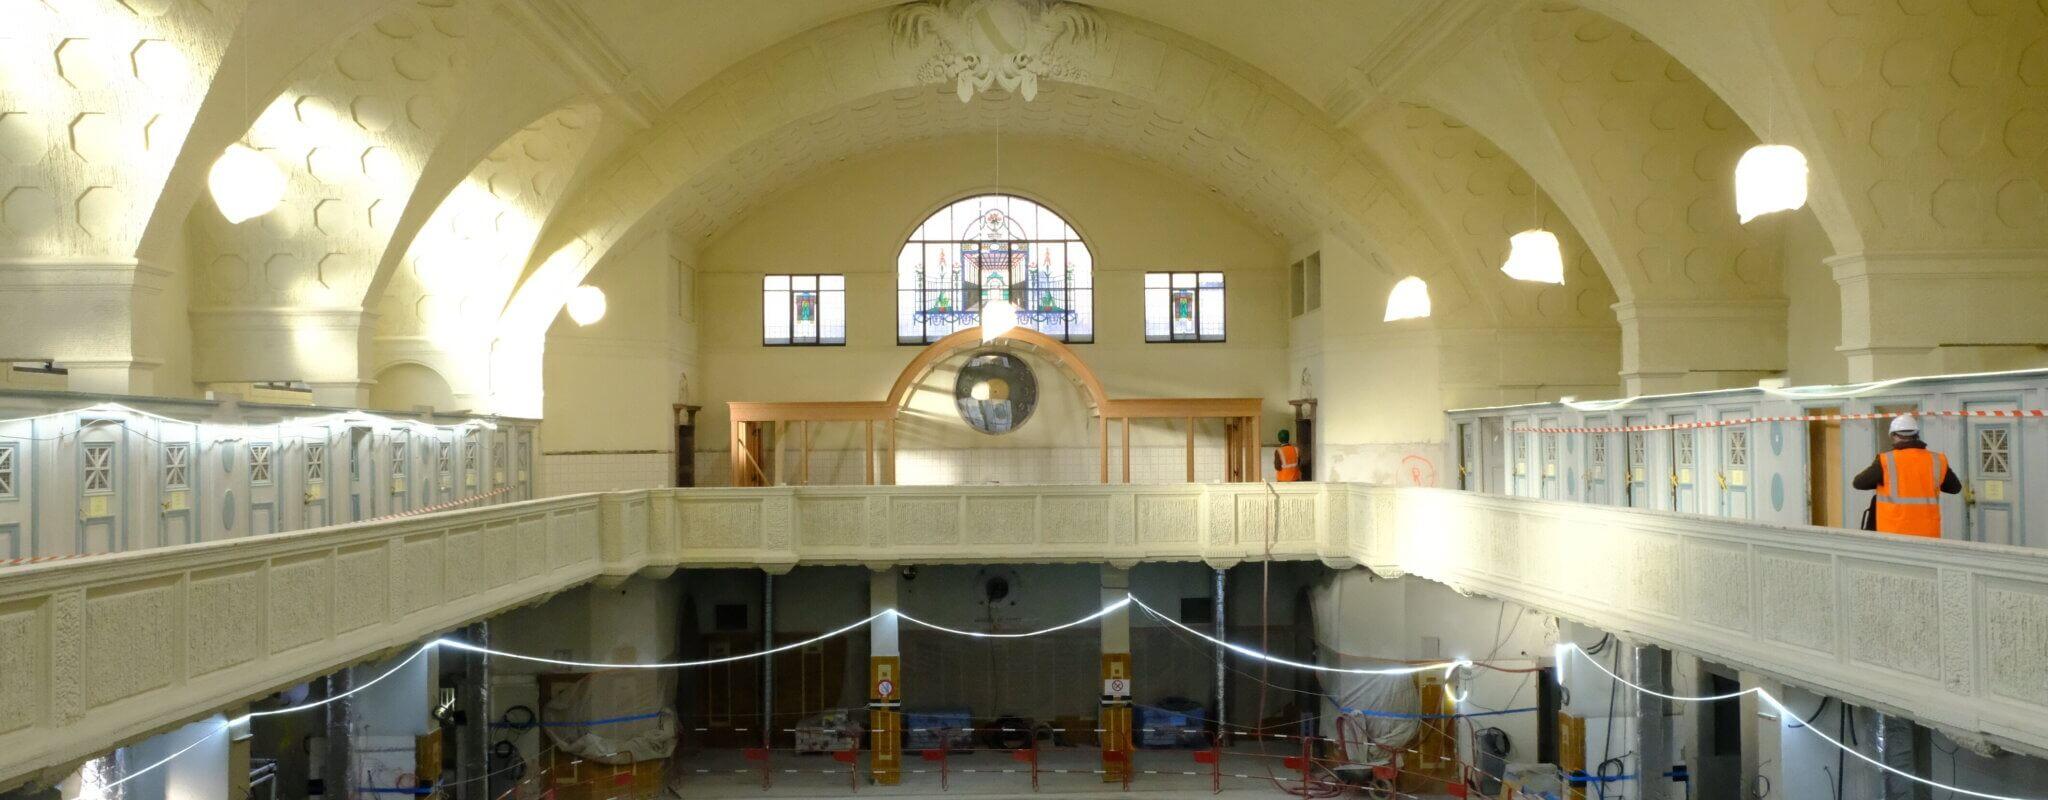 En rénovation pour une ouverture fin 2021, les premières images des Bains municipaux